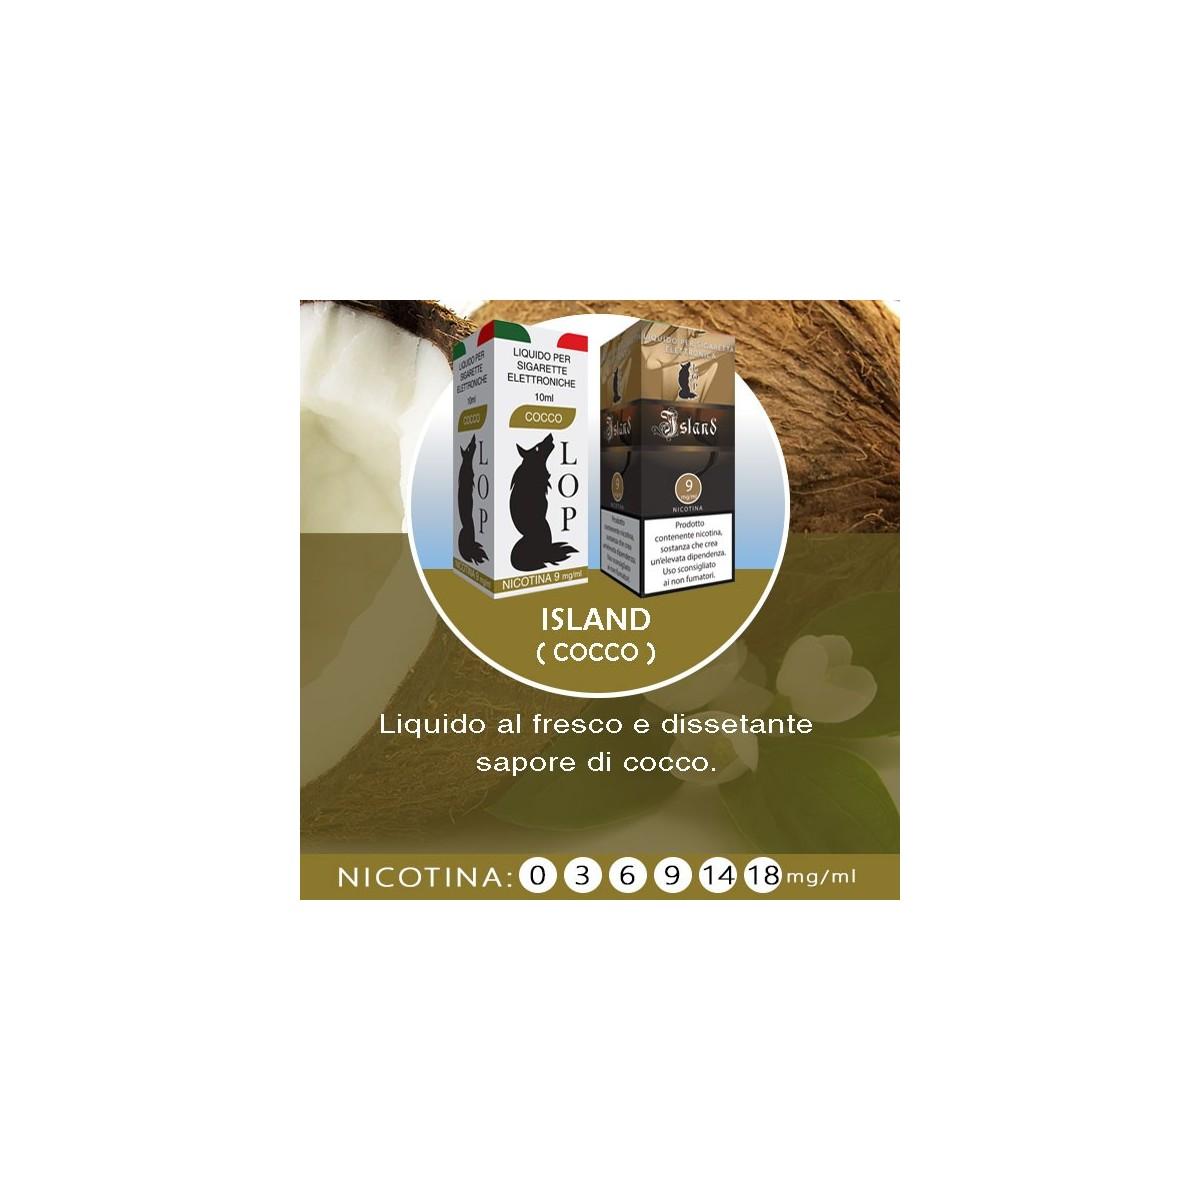 LOP - Island (cocco) 10ml-0mg/ml